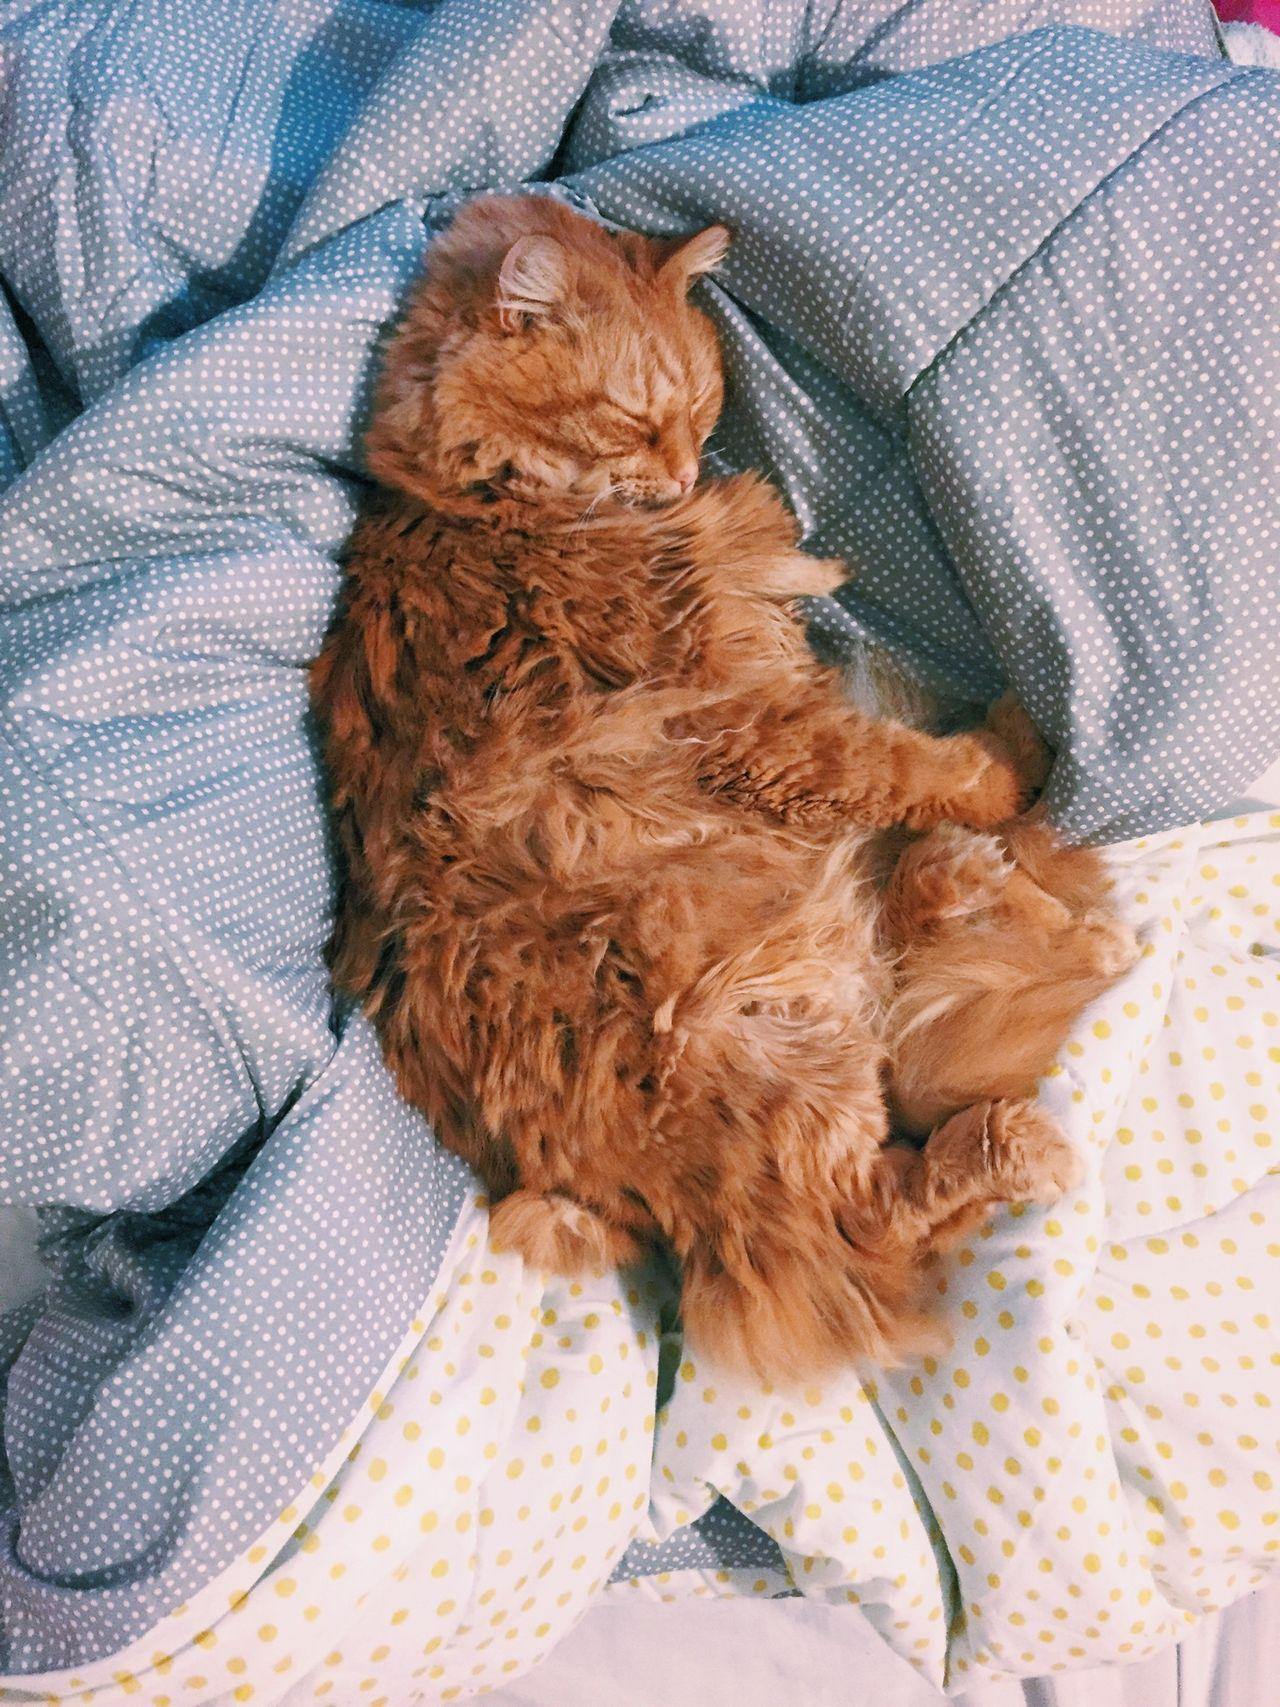 Bed thief. VSCO